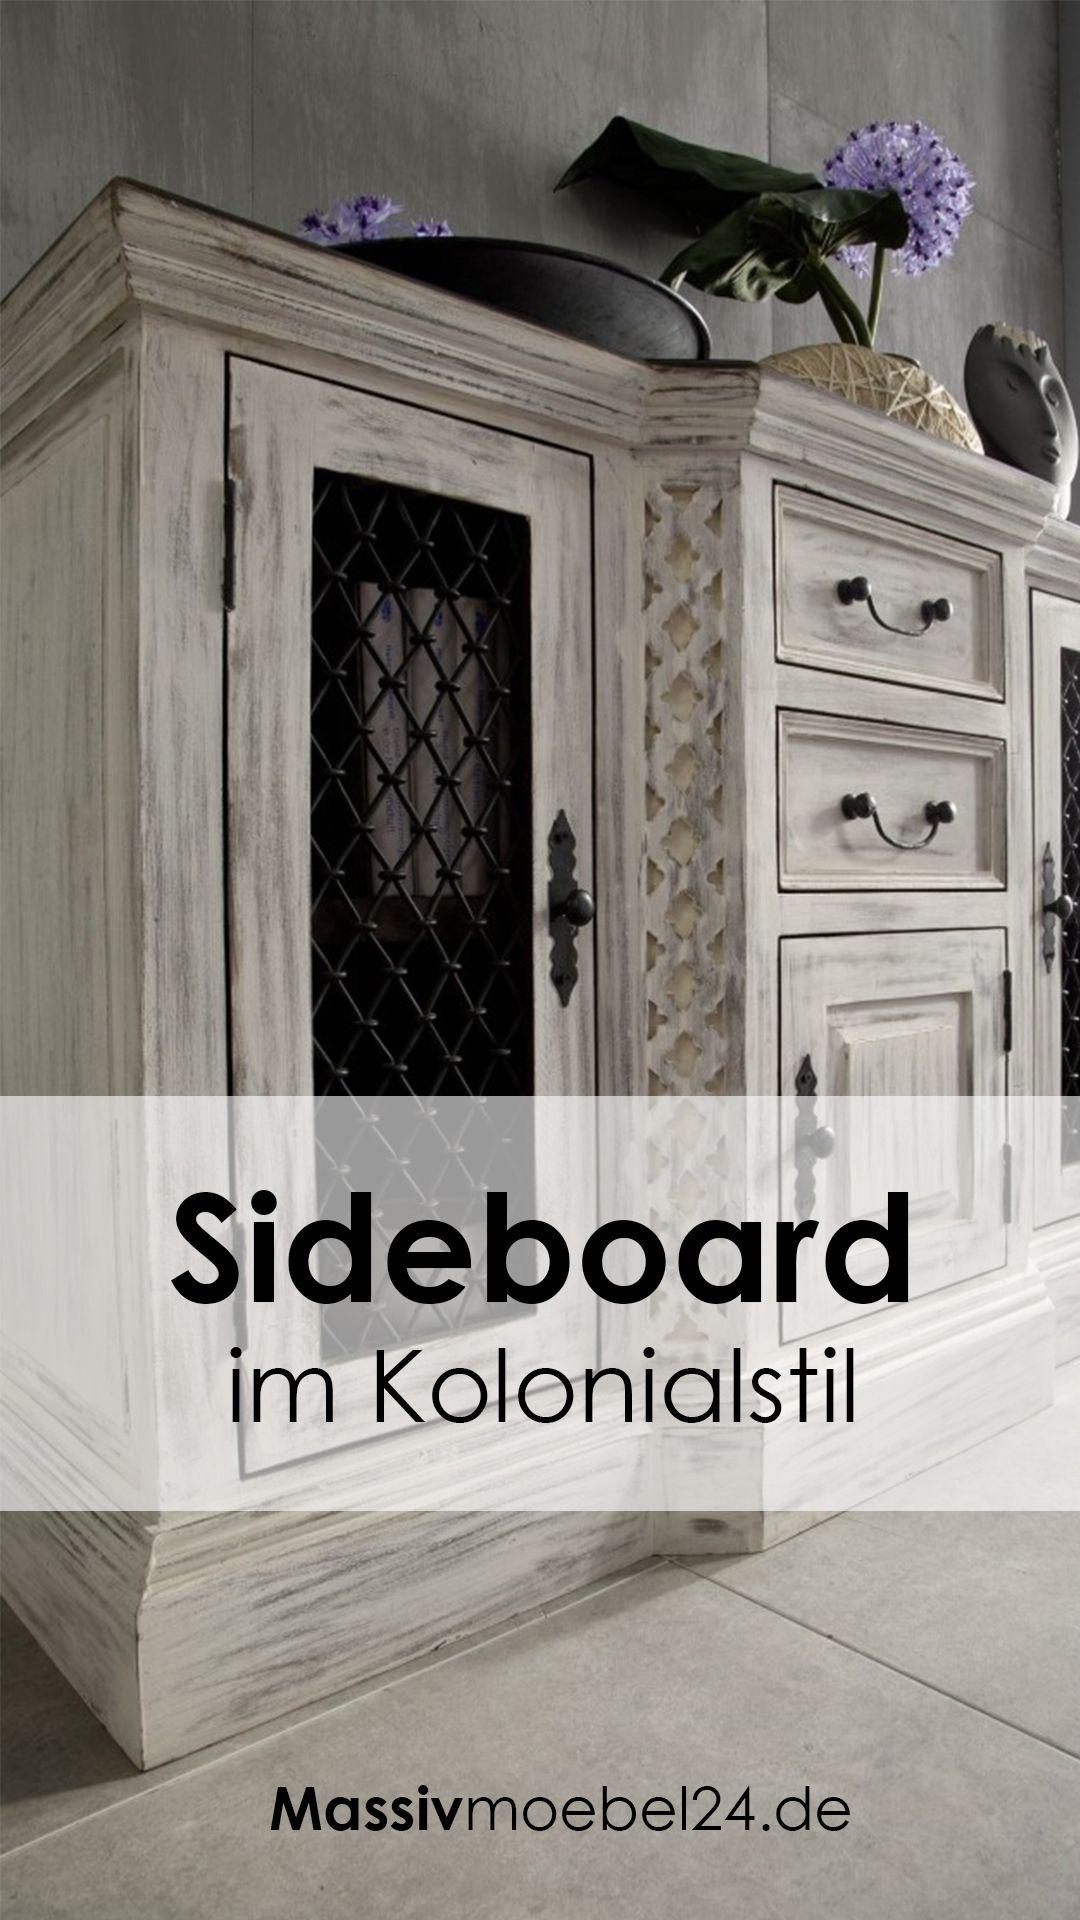 Sideboard Landhaus Weiss Versandfrei Kaufen Massivmoebel24 Sideboard Kommode Weiss Landhaus Kolonialstil